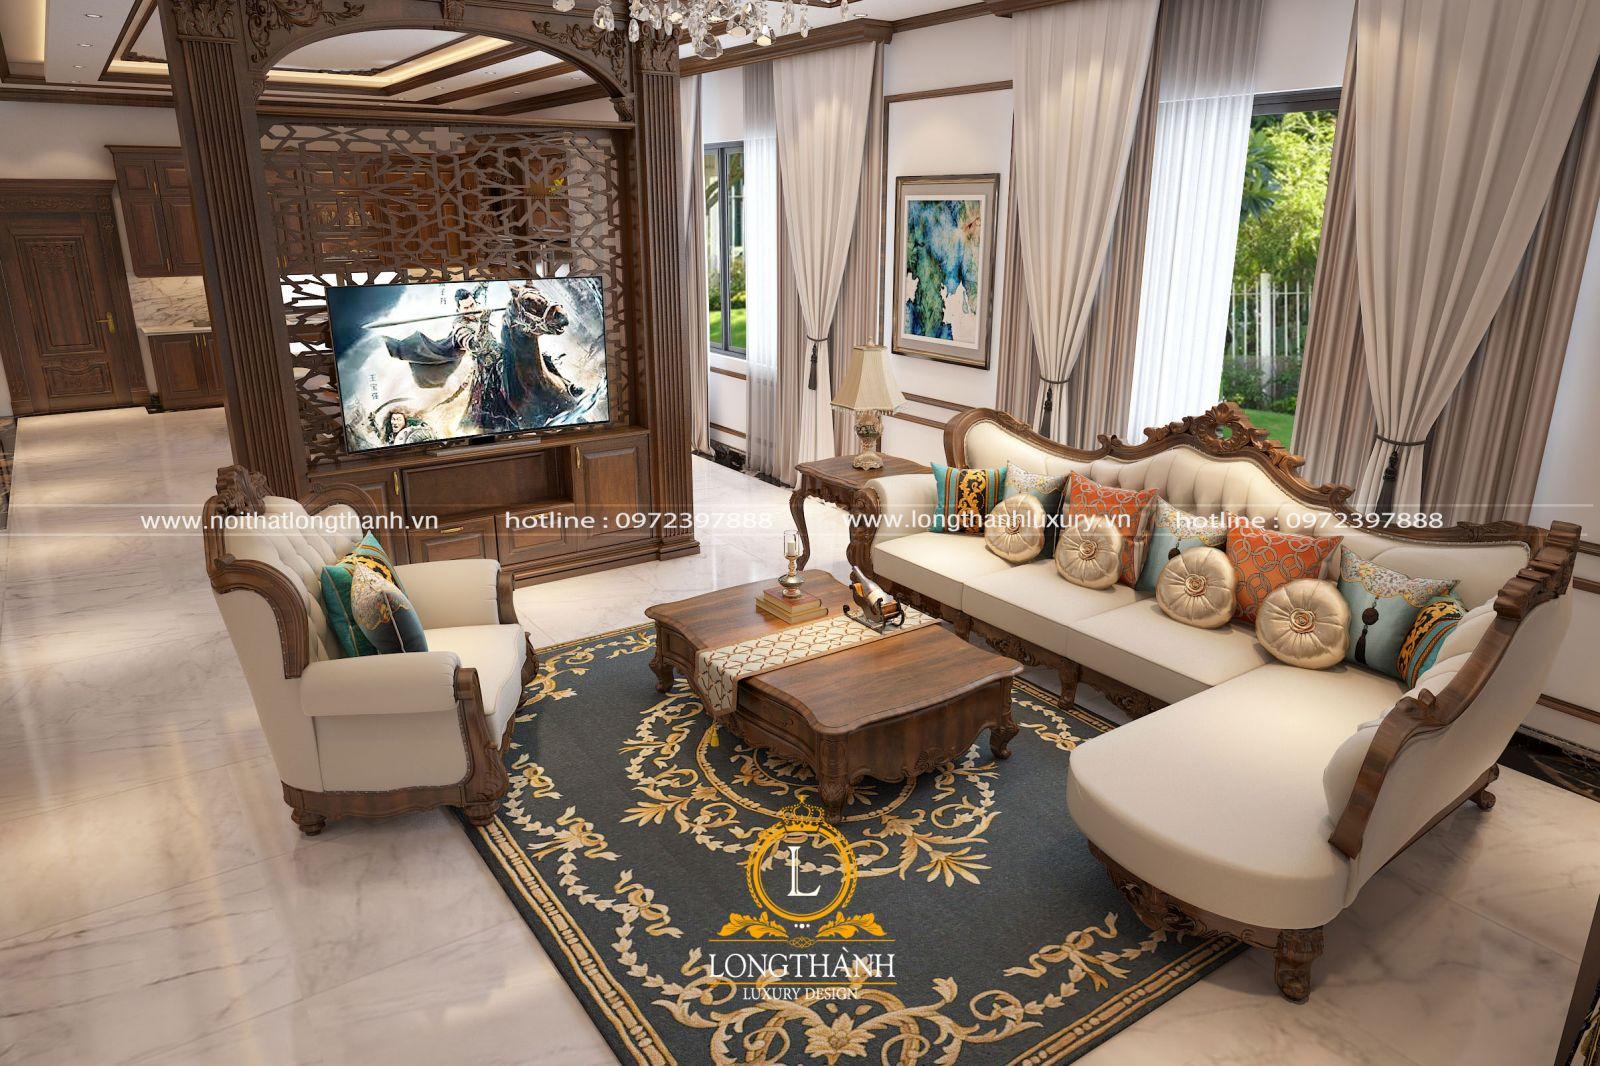 Thiết kế sofa chữ L tân cổ điển giúp tận dụng mọi góc chết không gian